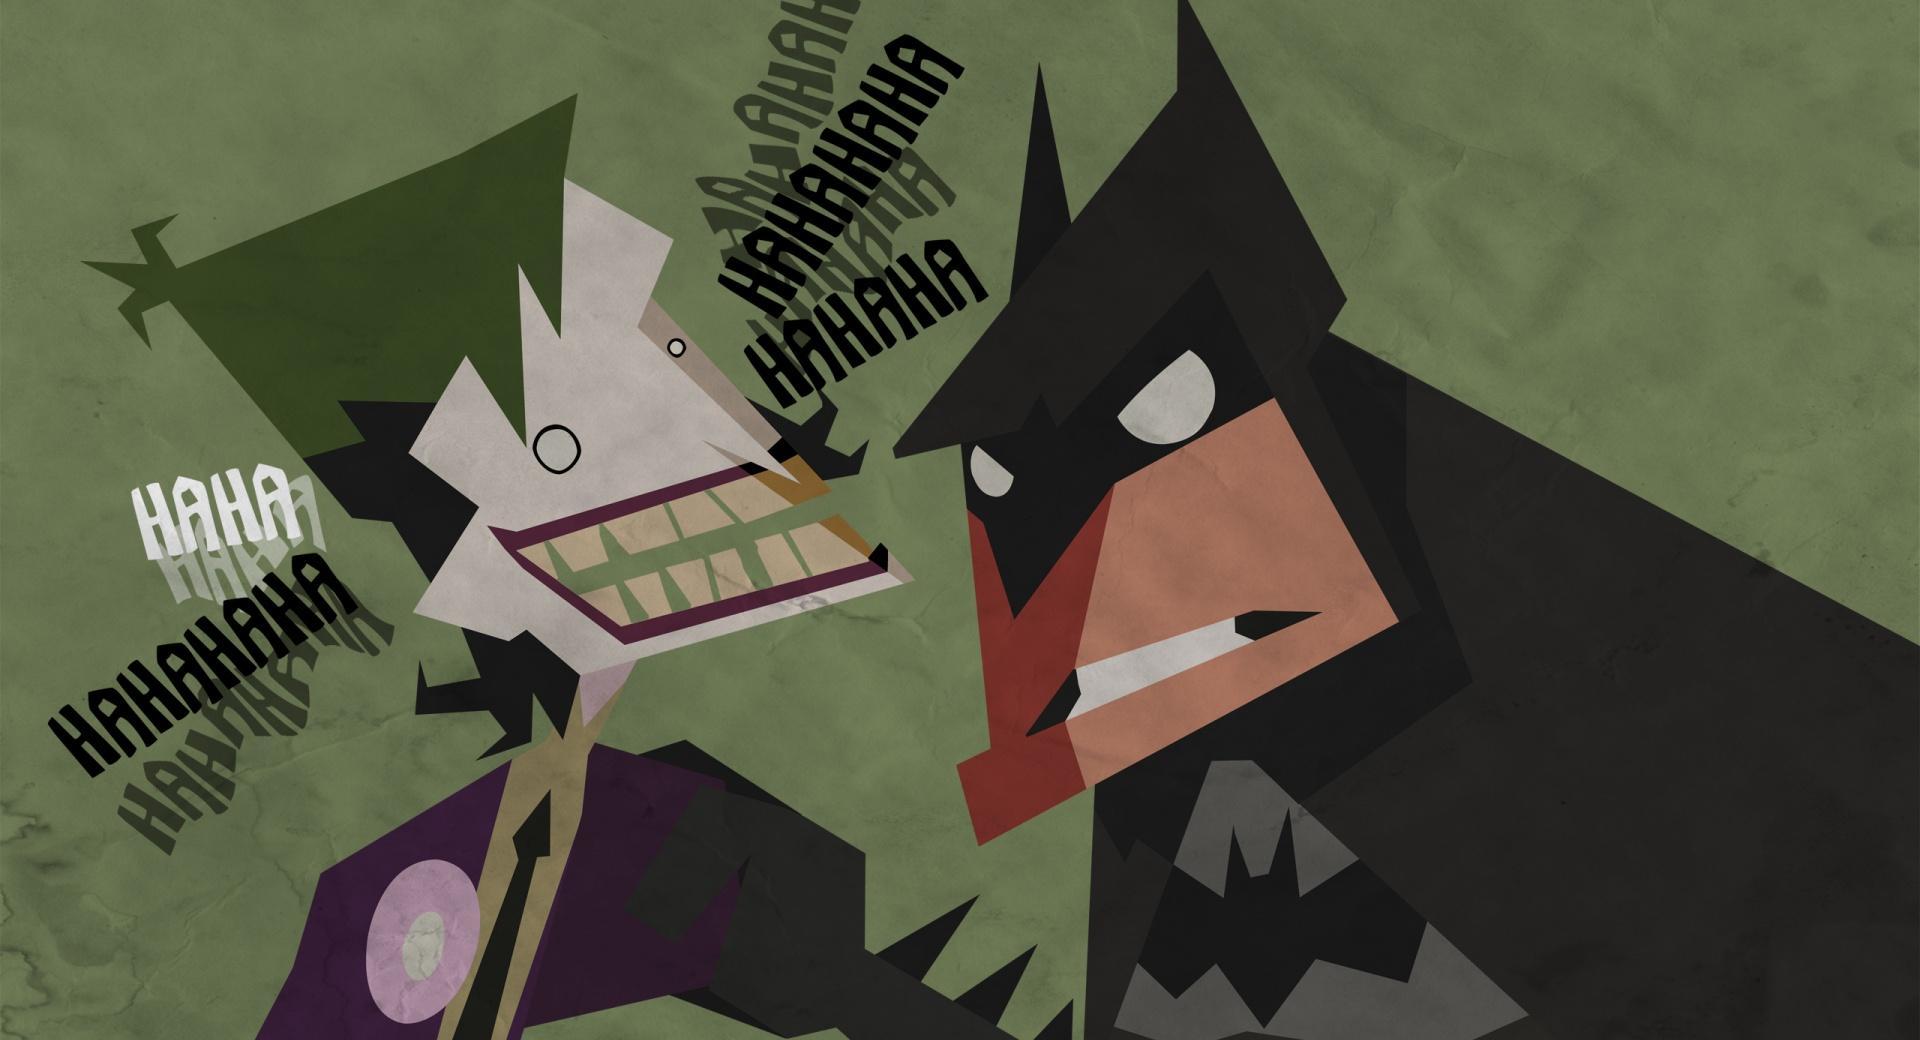 Batman And Joker Cartoon wallpapers HD quality